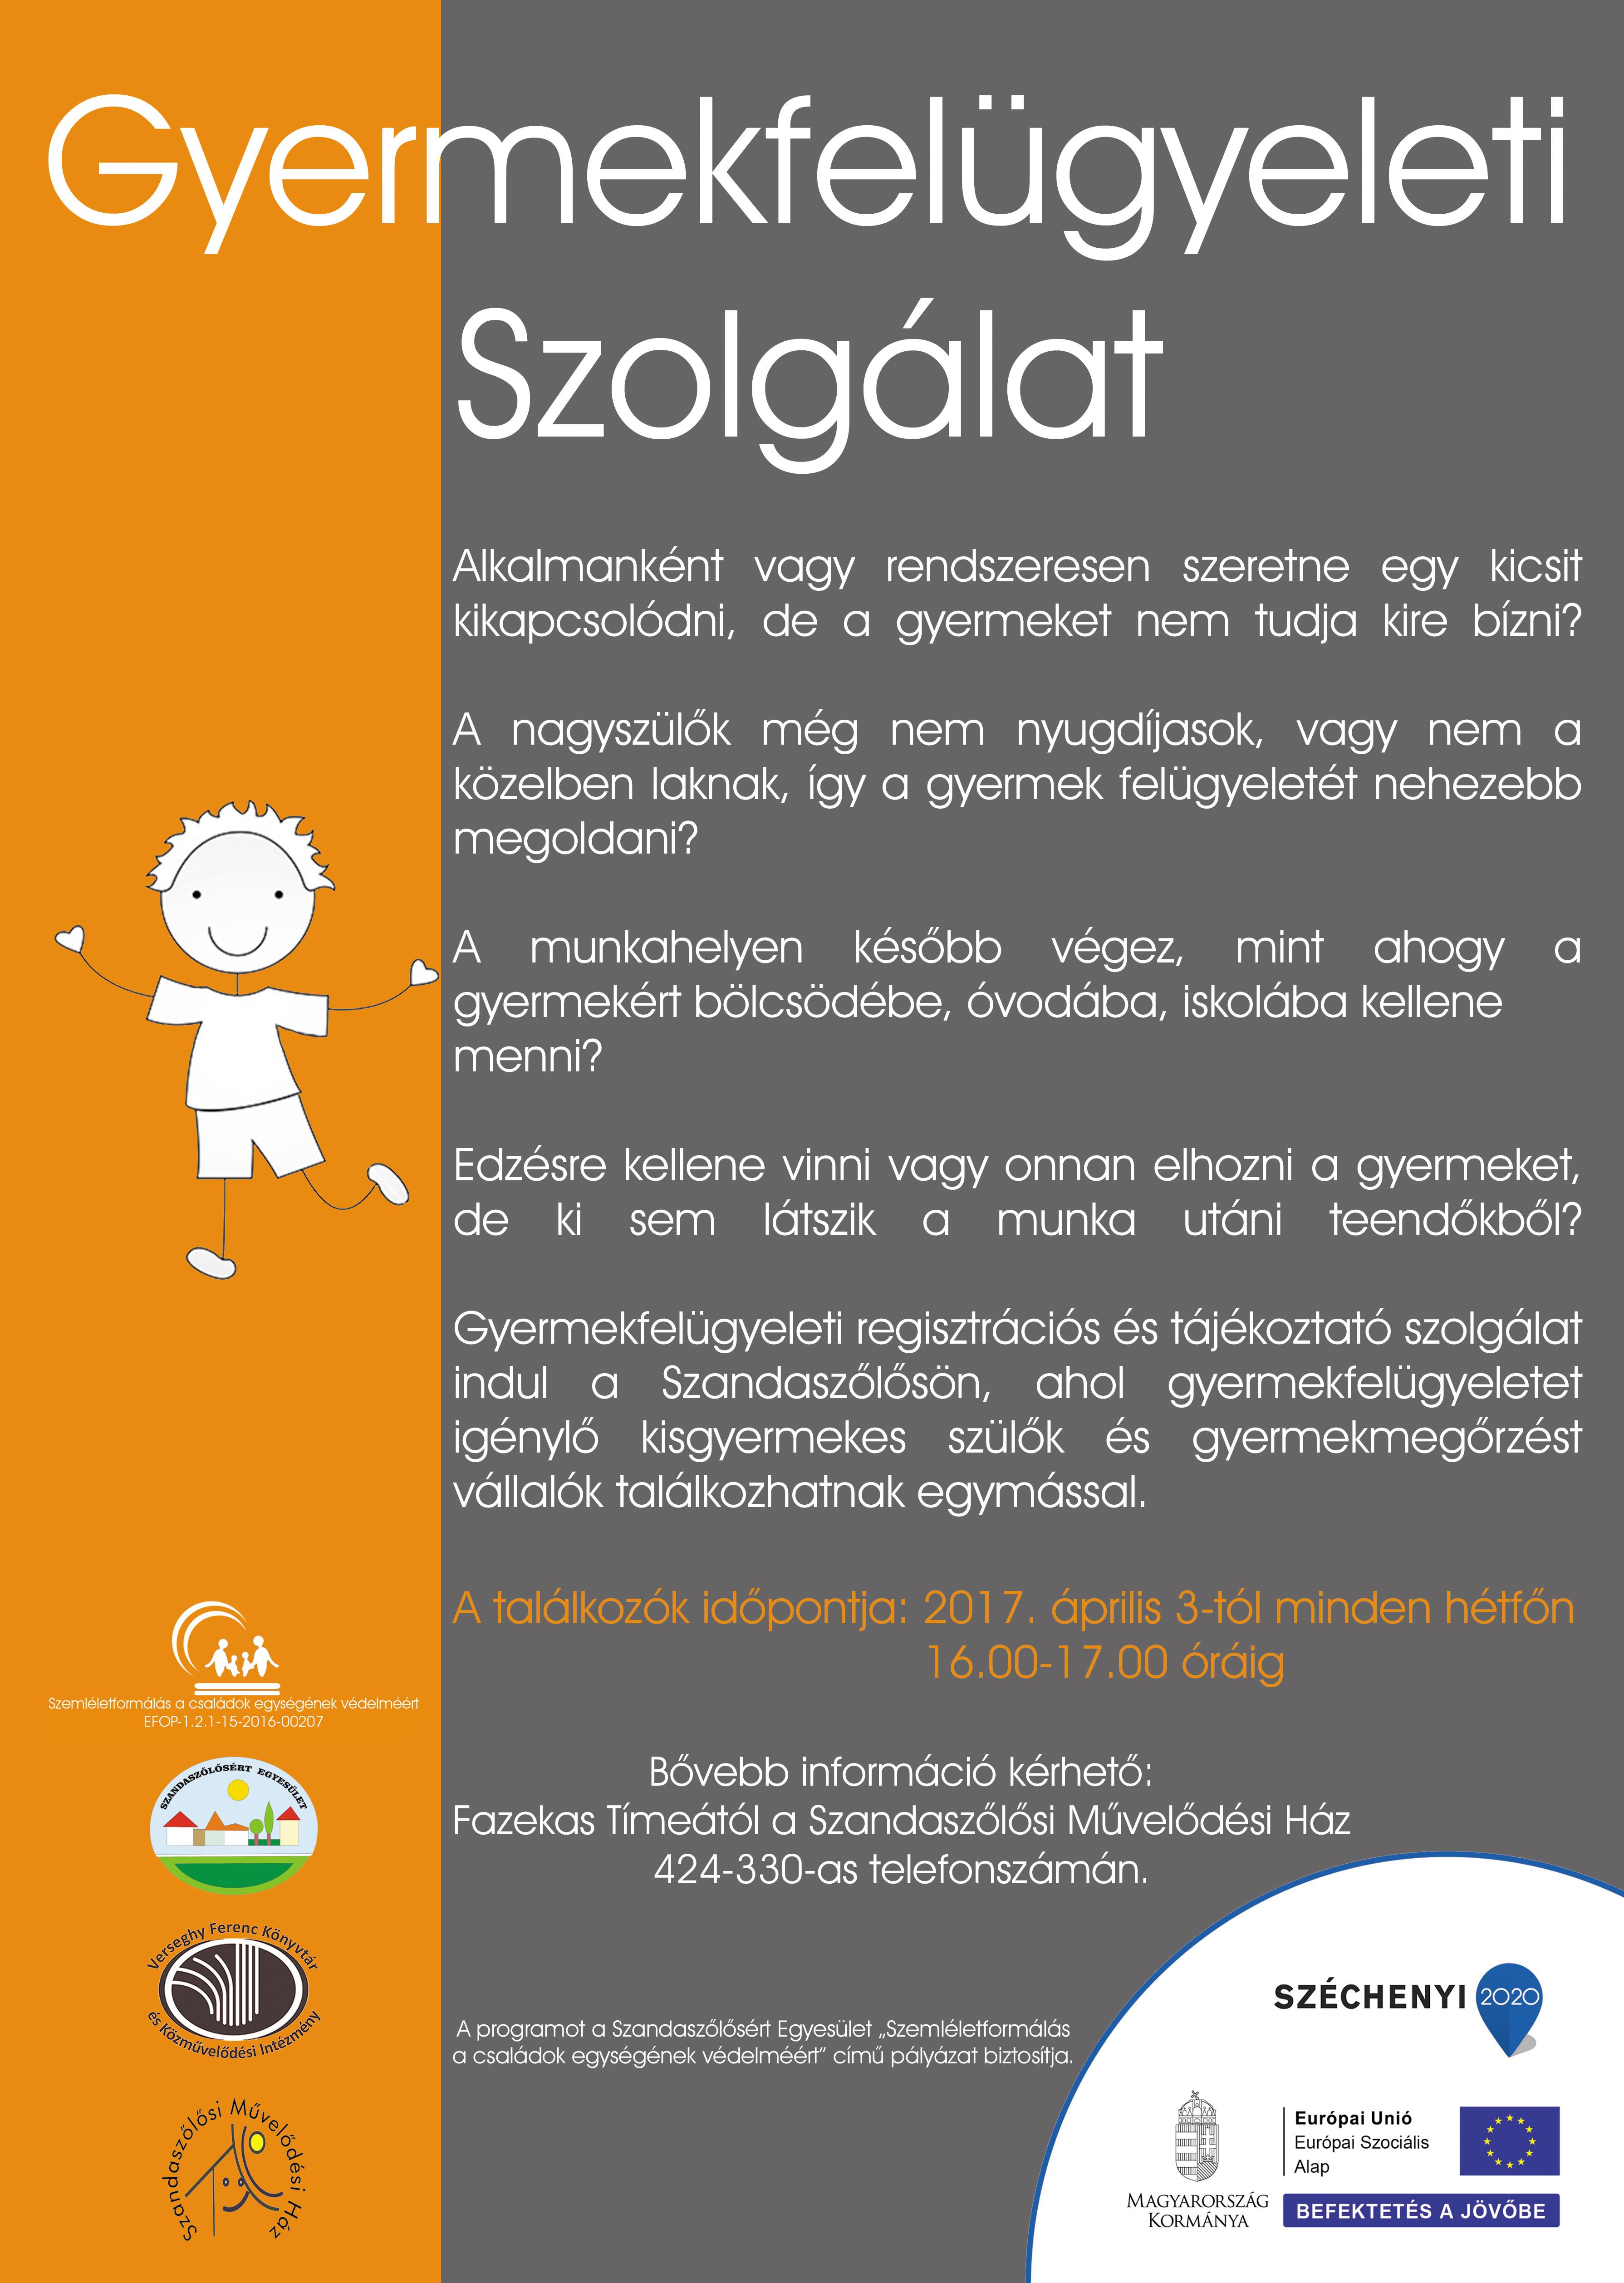 gyermekfelügyeleti szolgálat_netre_rgb